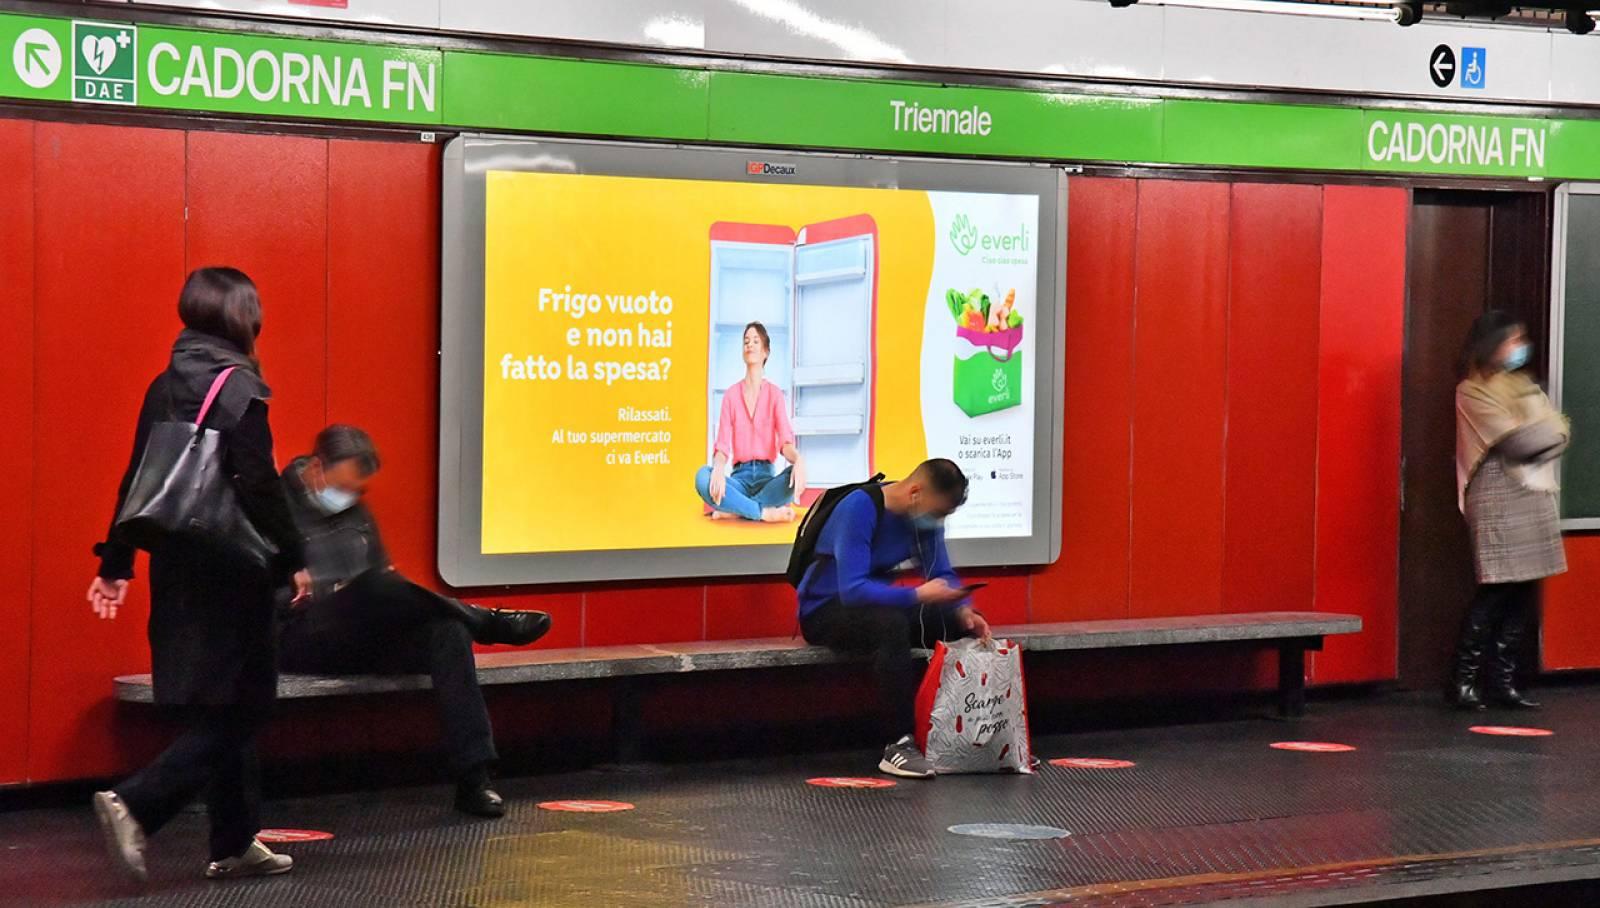 Pubblicità in metropolitana a Milano Circuito Maxi IGPDecaux per Everli